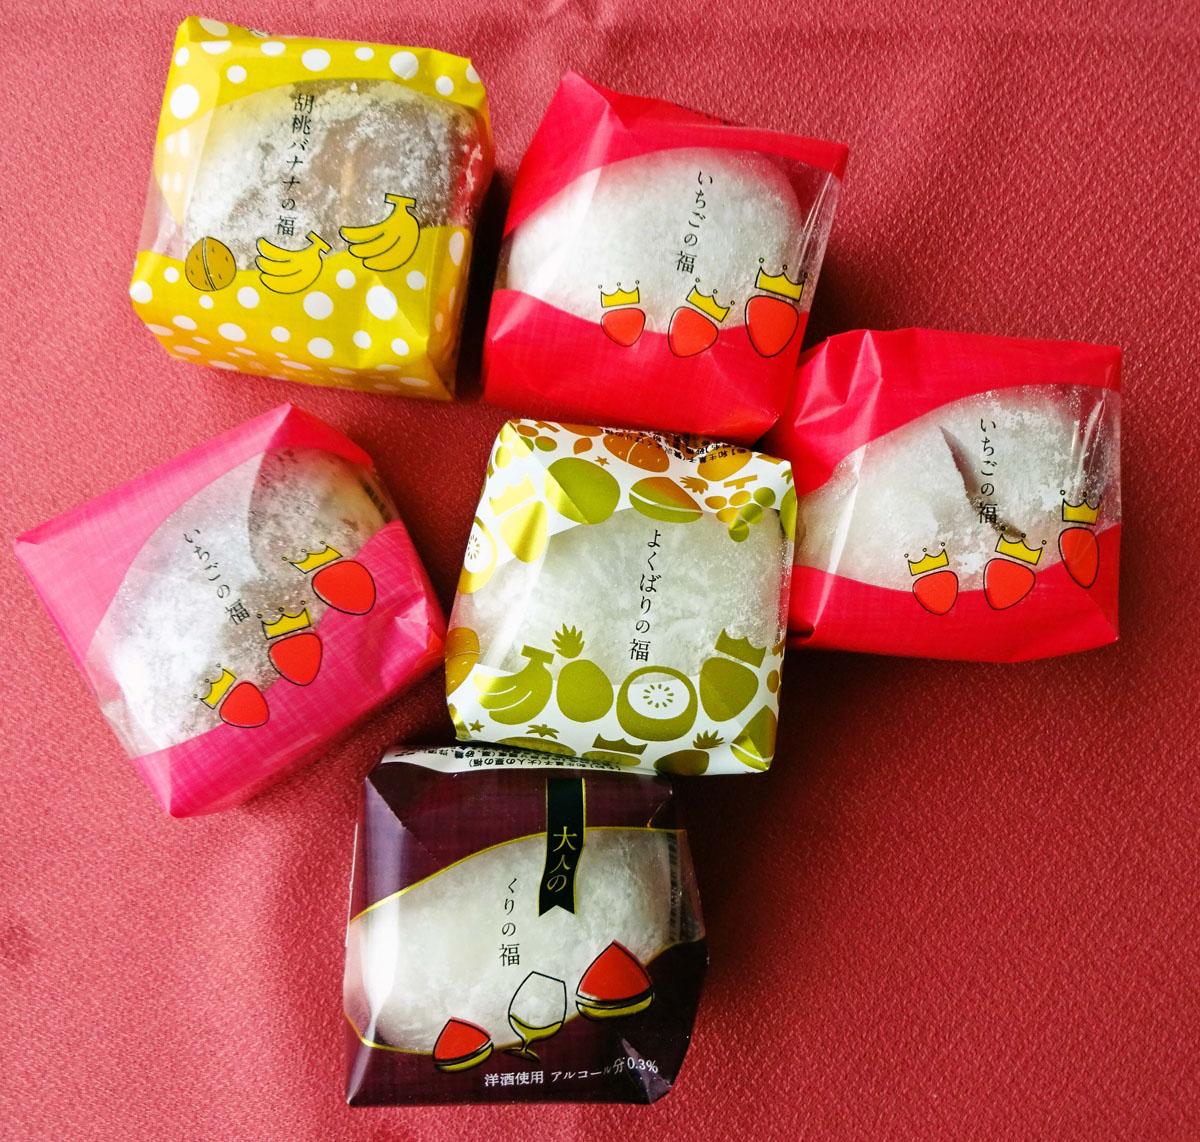 フルーツ大福 菓実の福 季節の詰合せ6個入り